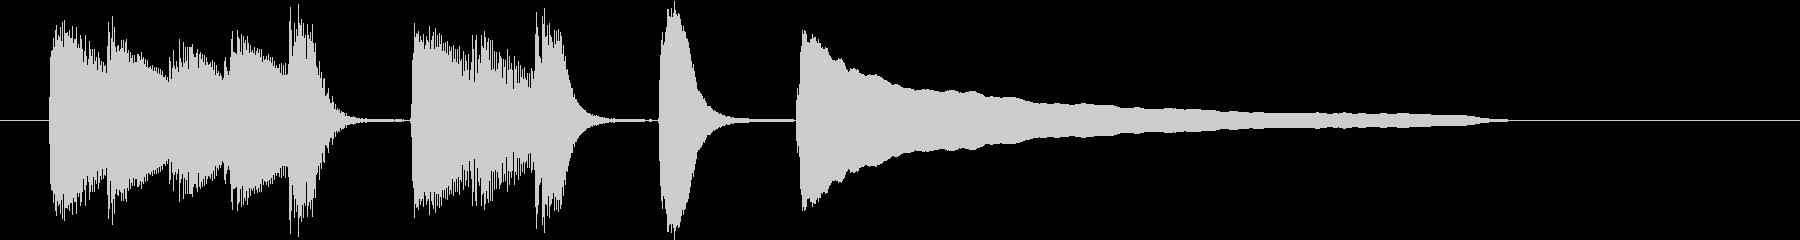 単純な音を使ったジングルの未再生の波形